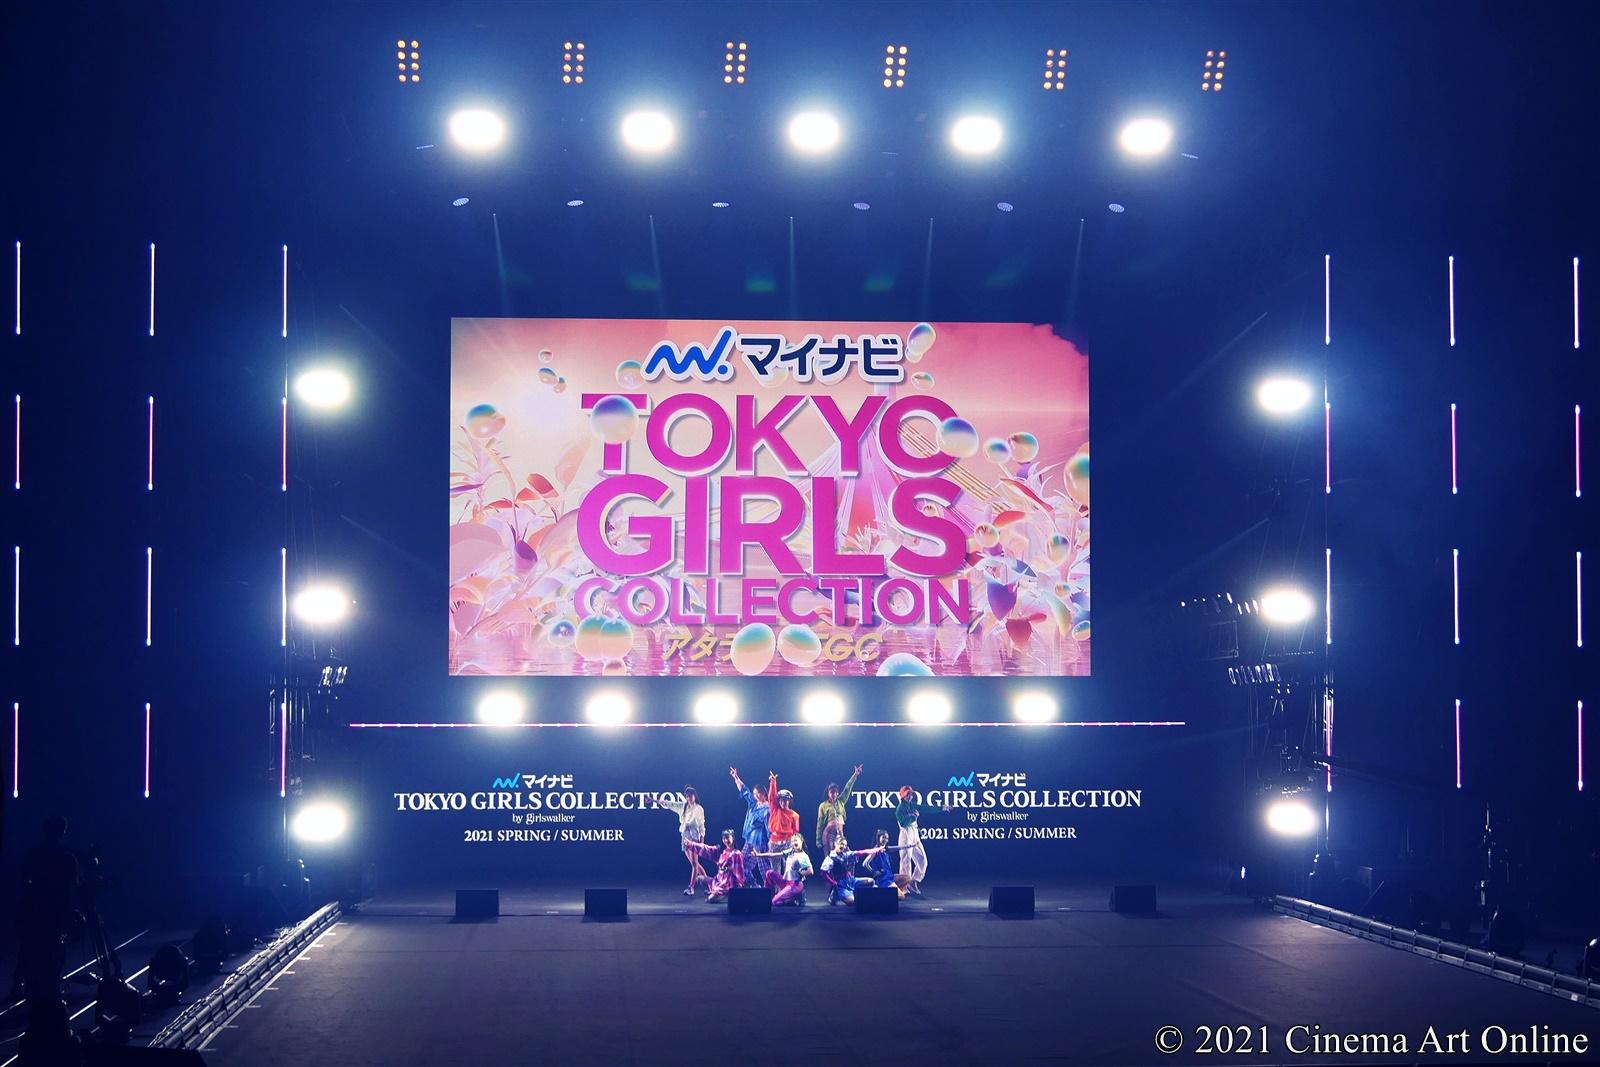 【写真】第32回 マイナビ 東京ガールズコレクション 2021 SPRING/SUMMER (マイナビ TGC 2021 S/S) ステージ